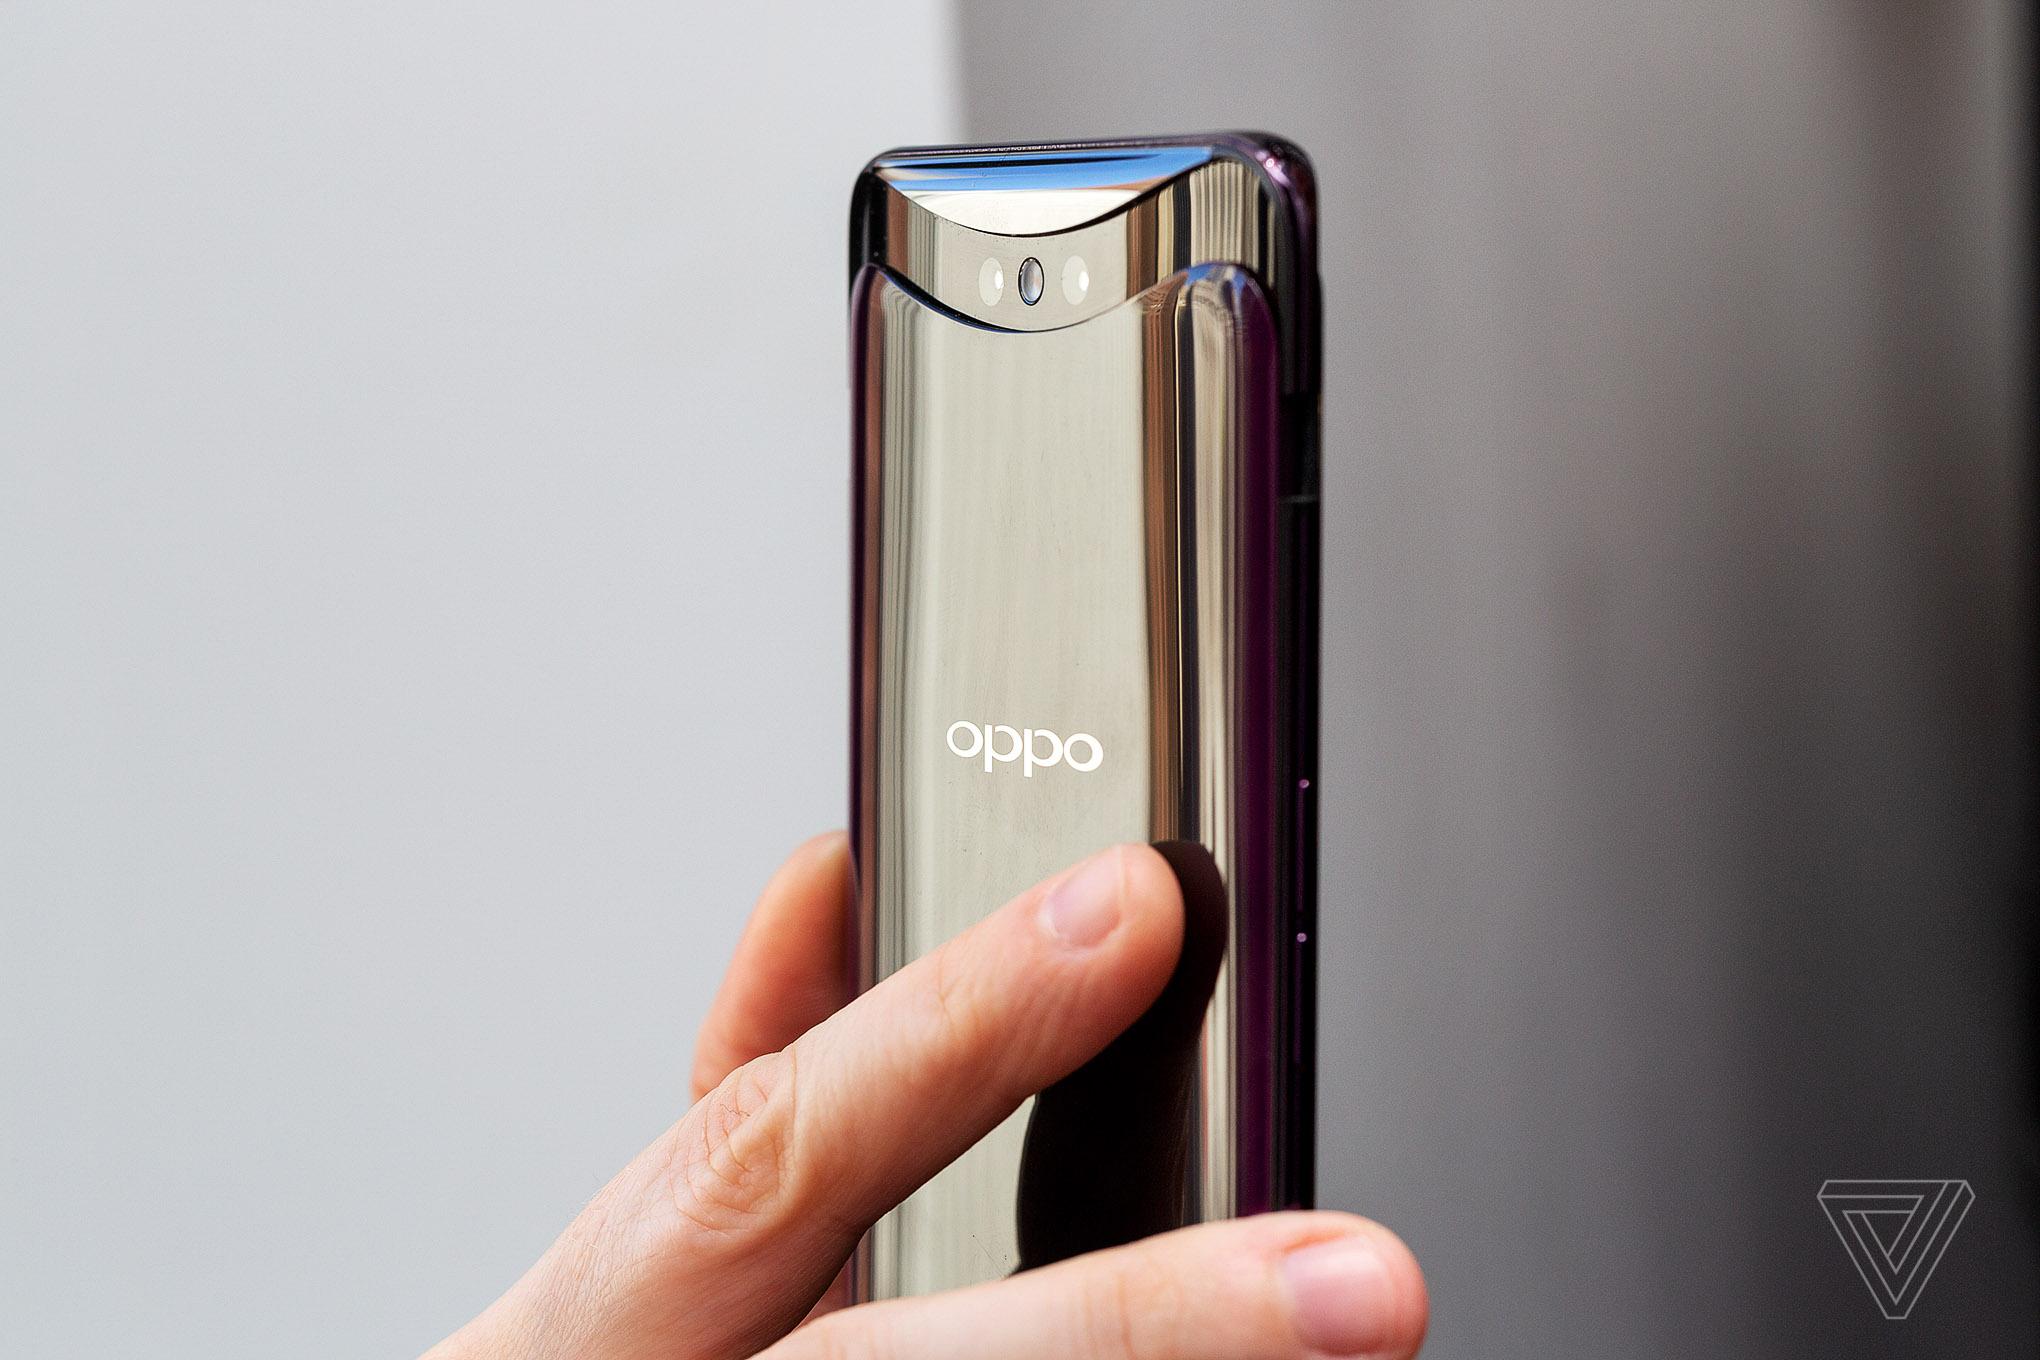 Mão segurando smartphone dourado da marca Oppo.